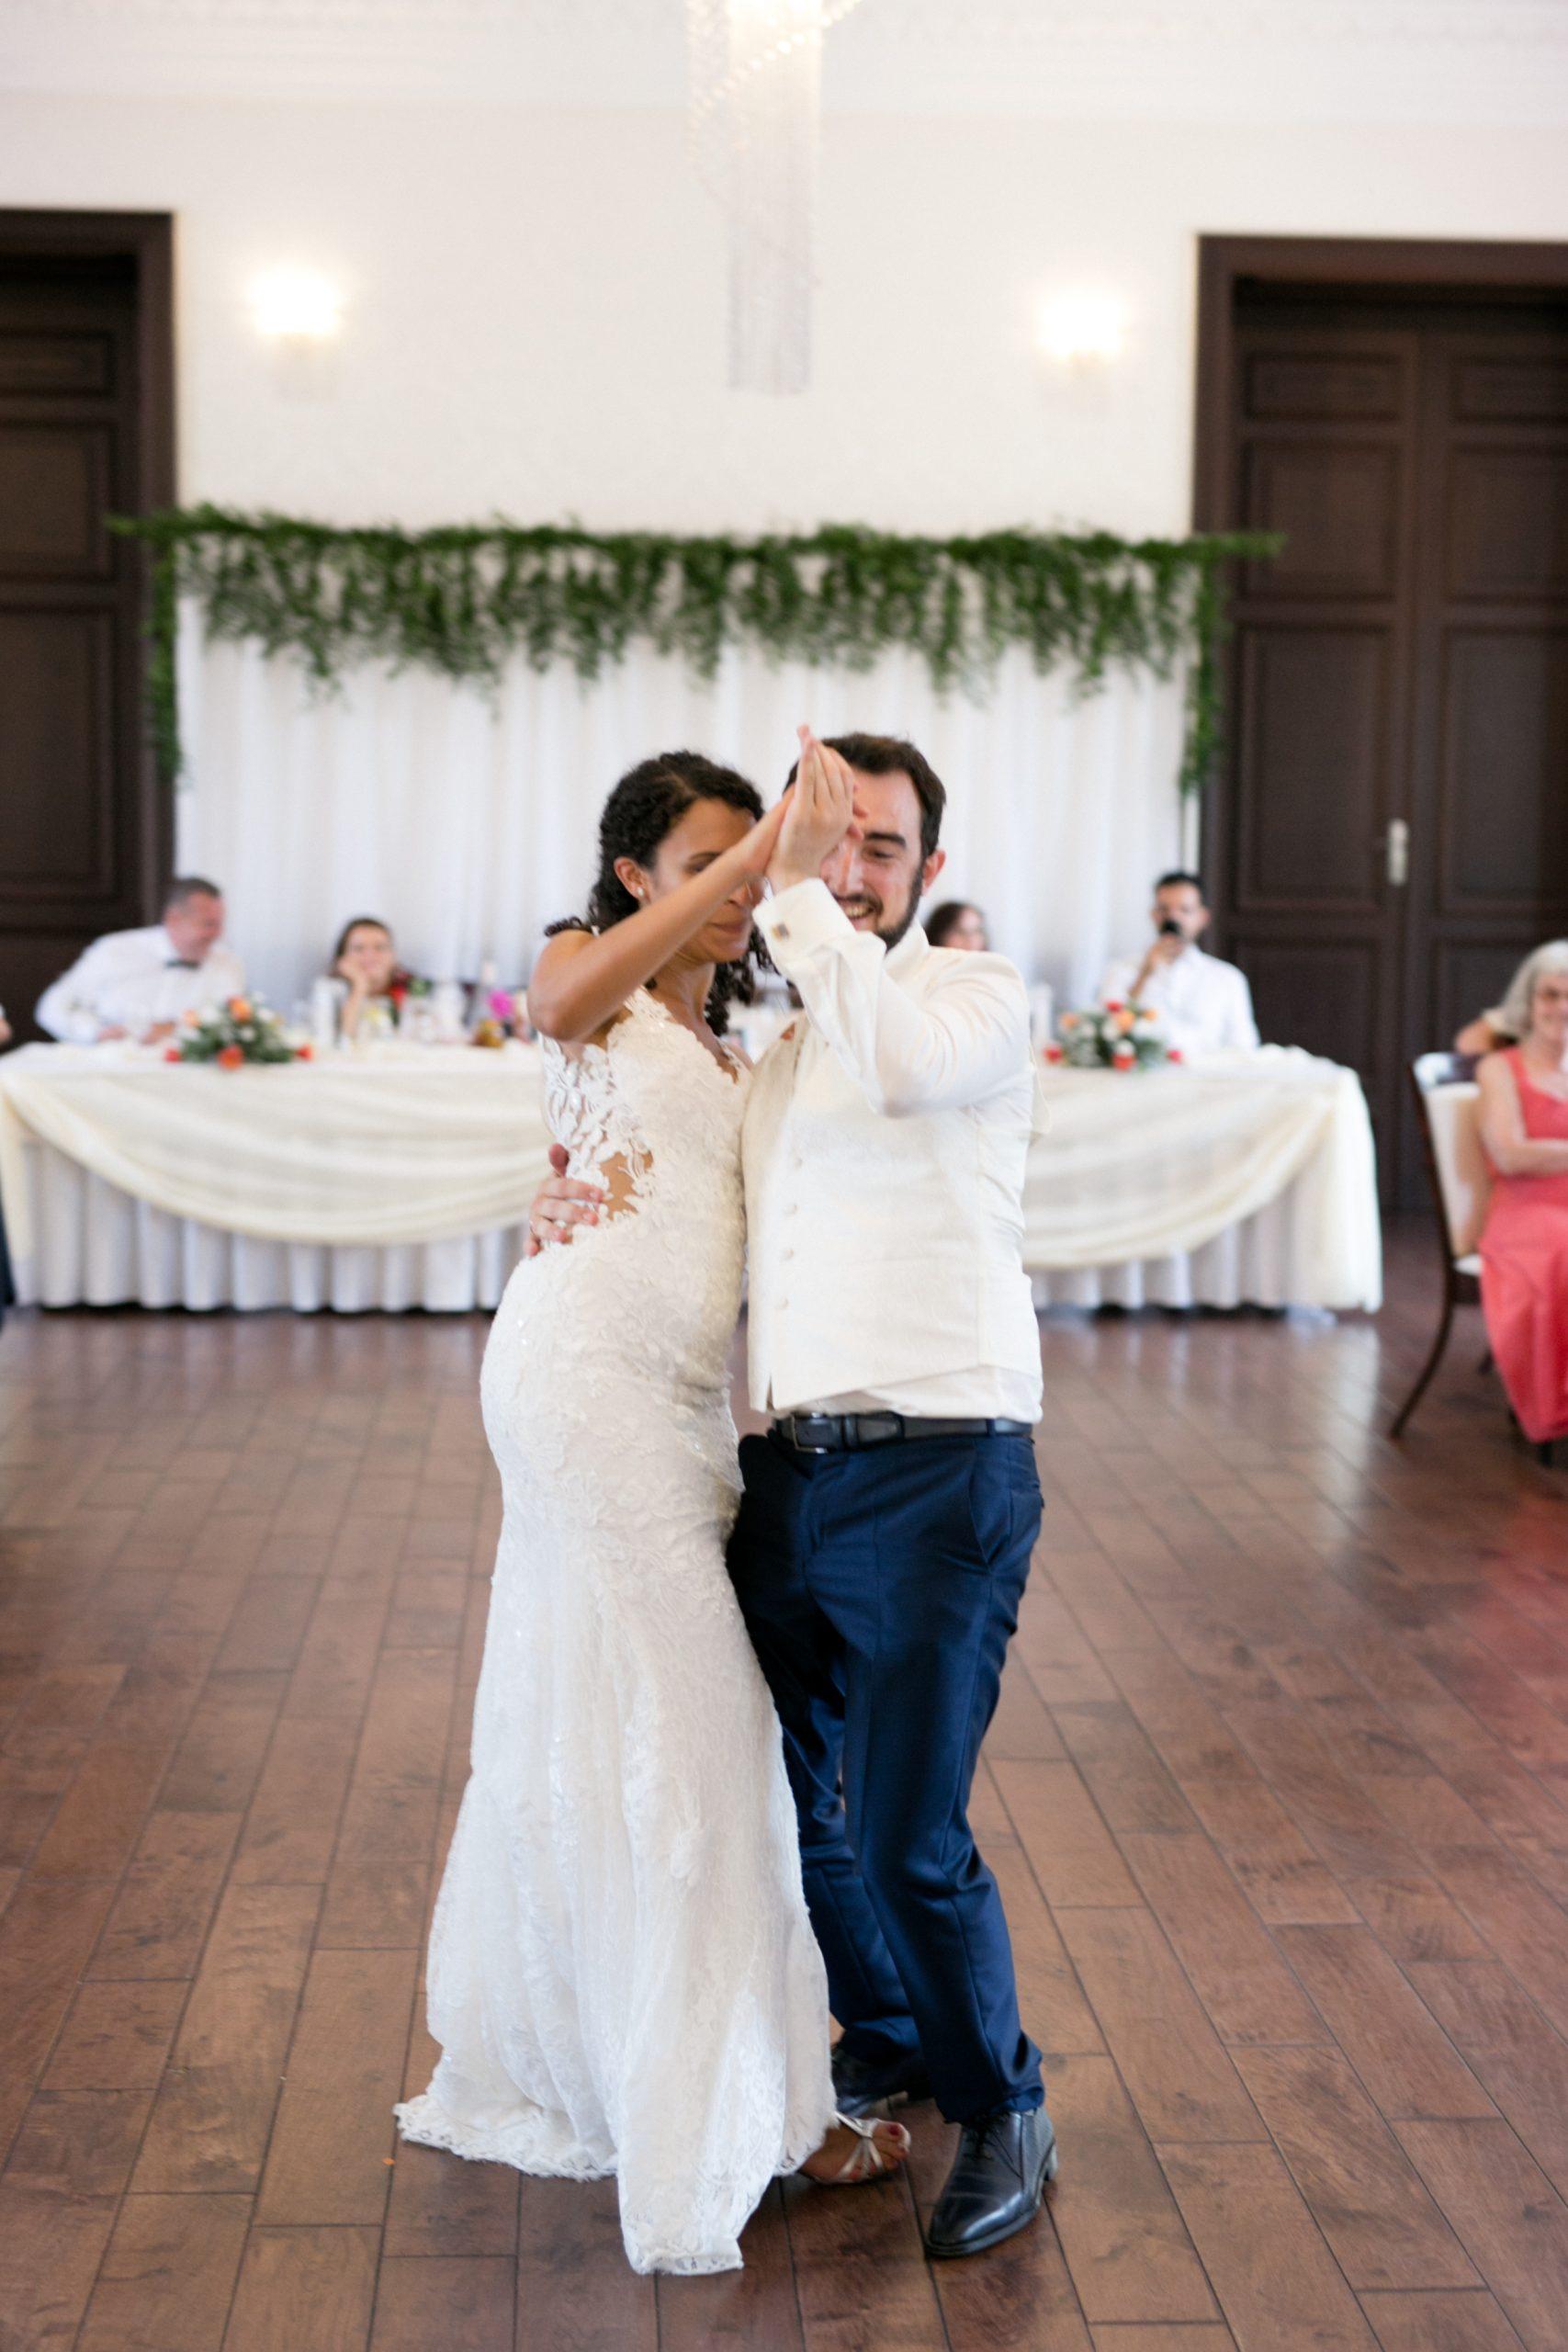 Svadba Oponice, Chateau Appony 02 #svadobnyDJ, #djanasvadbu, #svadba, #svadbaoponice, #ChateauAppony #DJAnavi, #Oponice